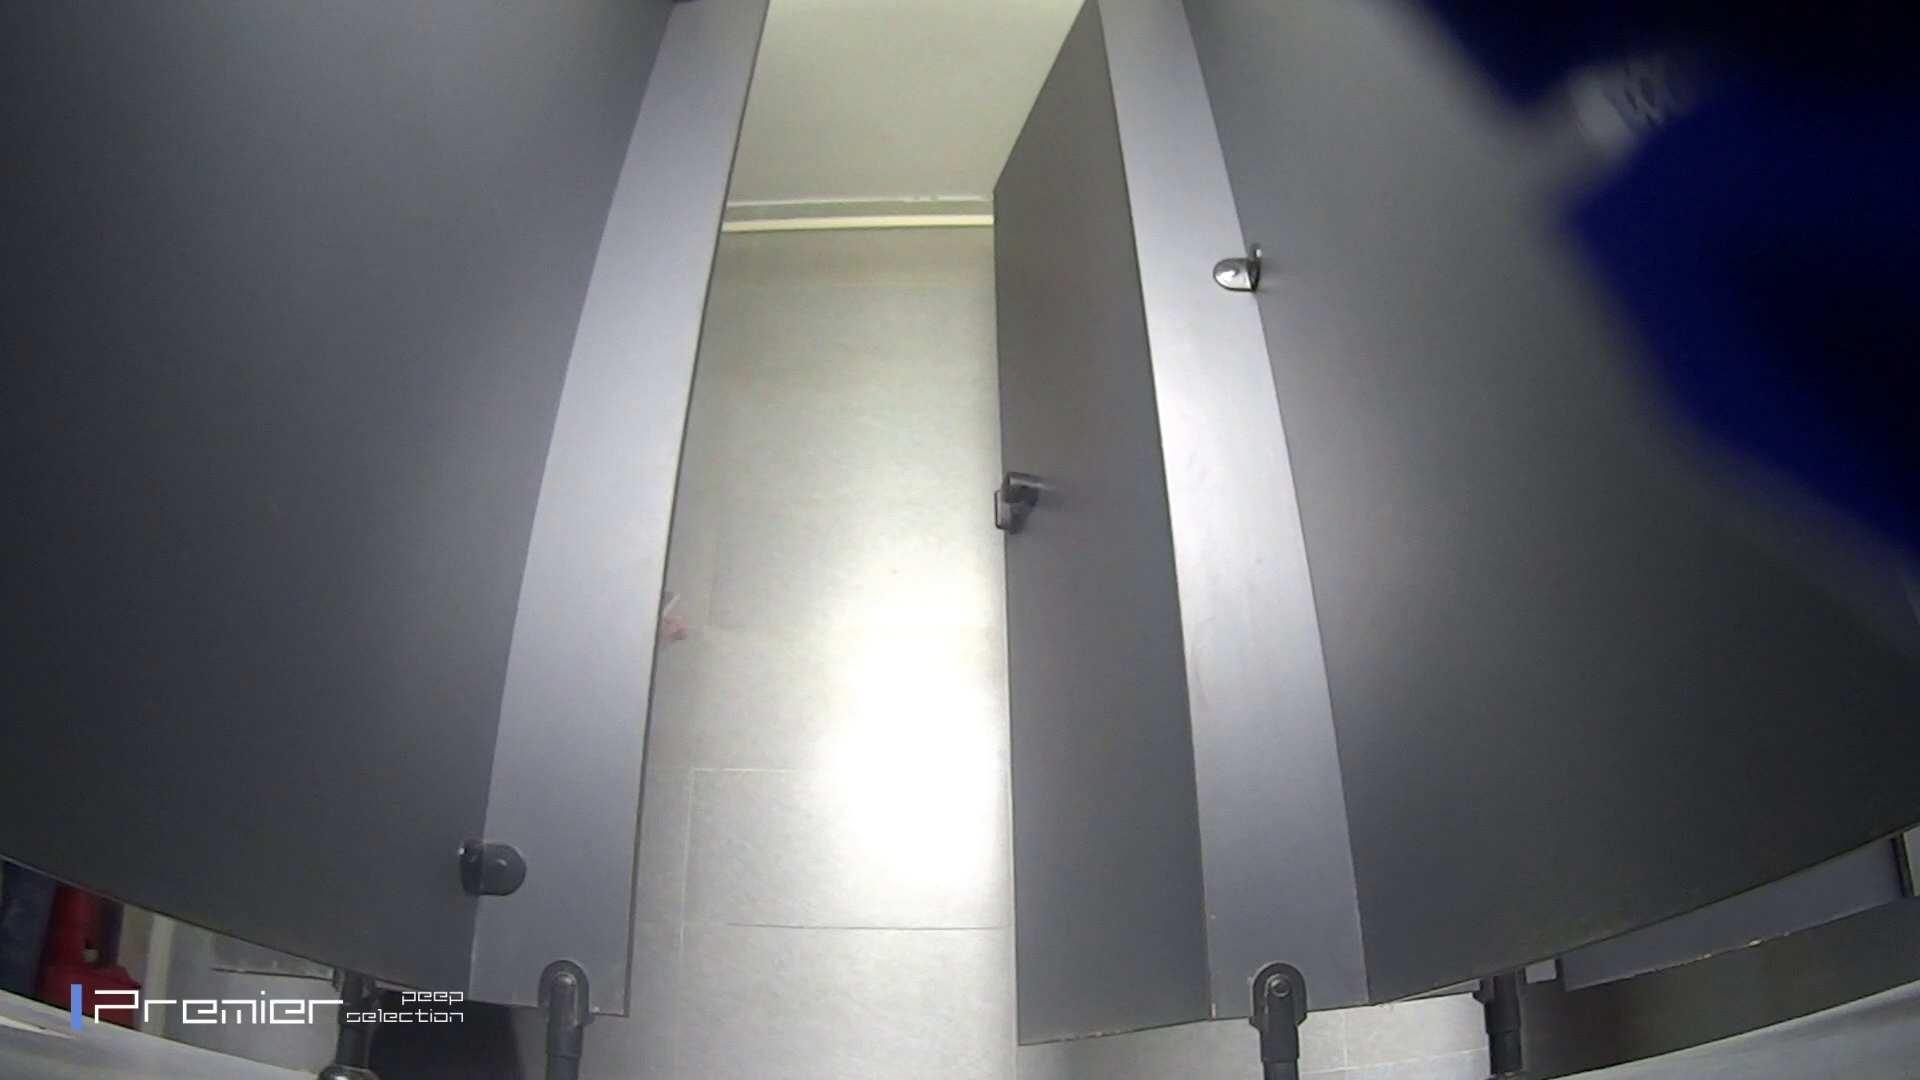 ツンデレお女市さんのトイレ事情 大学休憩時間の洗面所事情32 トイレ中 | 美女達のヌード  100連発 26